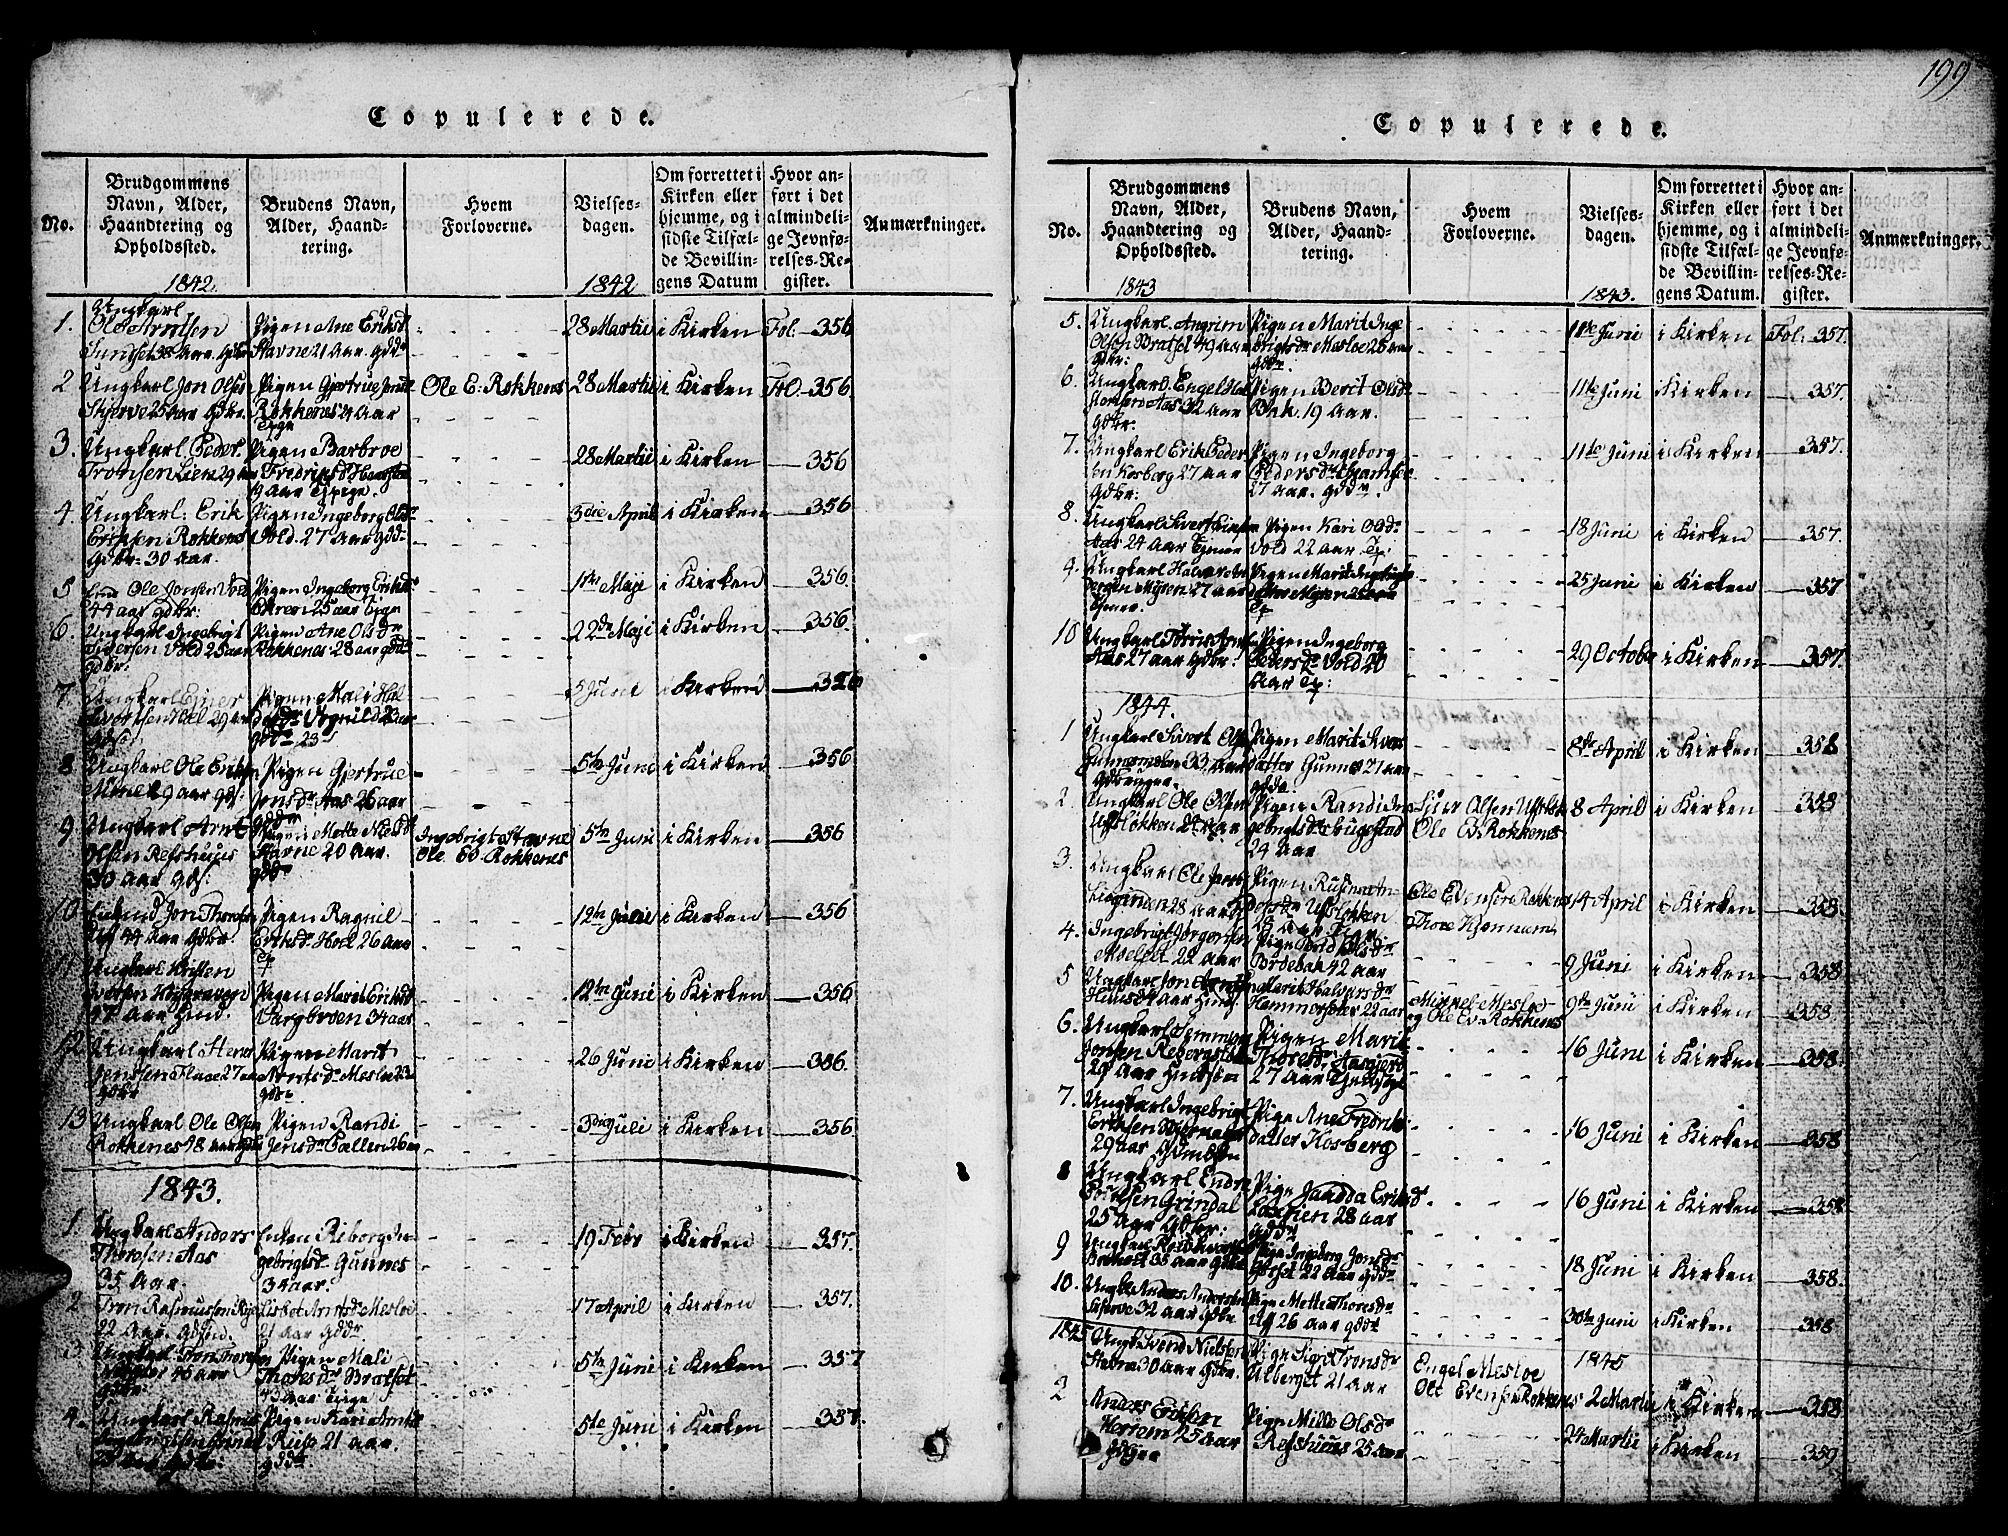 SAT, Ministerialprotokoller, klokkerbøker og fødselsregistre - Sør-Trøndelag, 674/L0874: Klokkerbok nr. 674C01, 1816-1860, s. 199